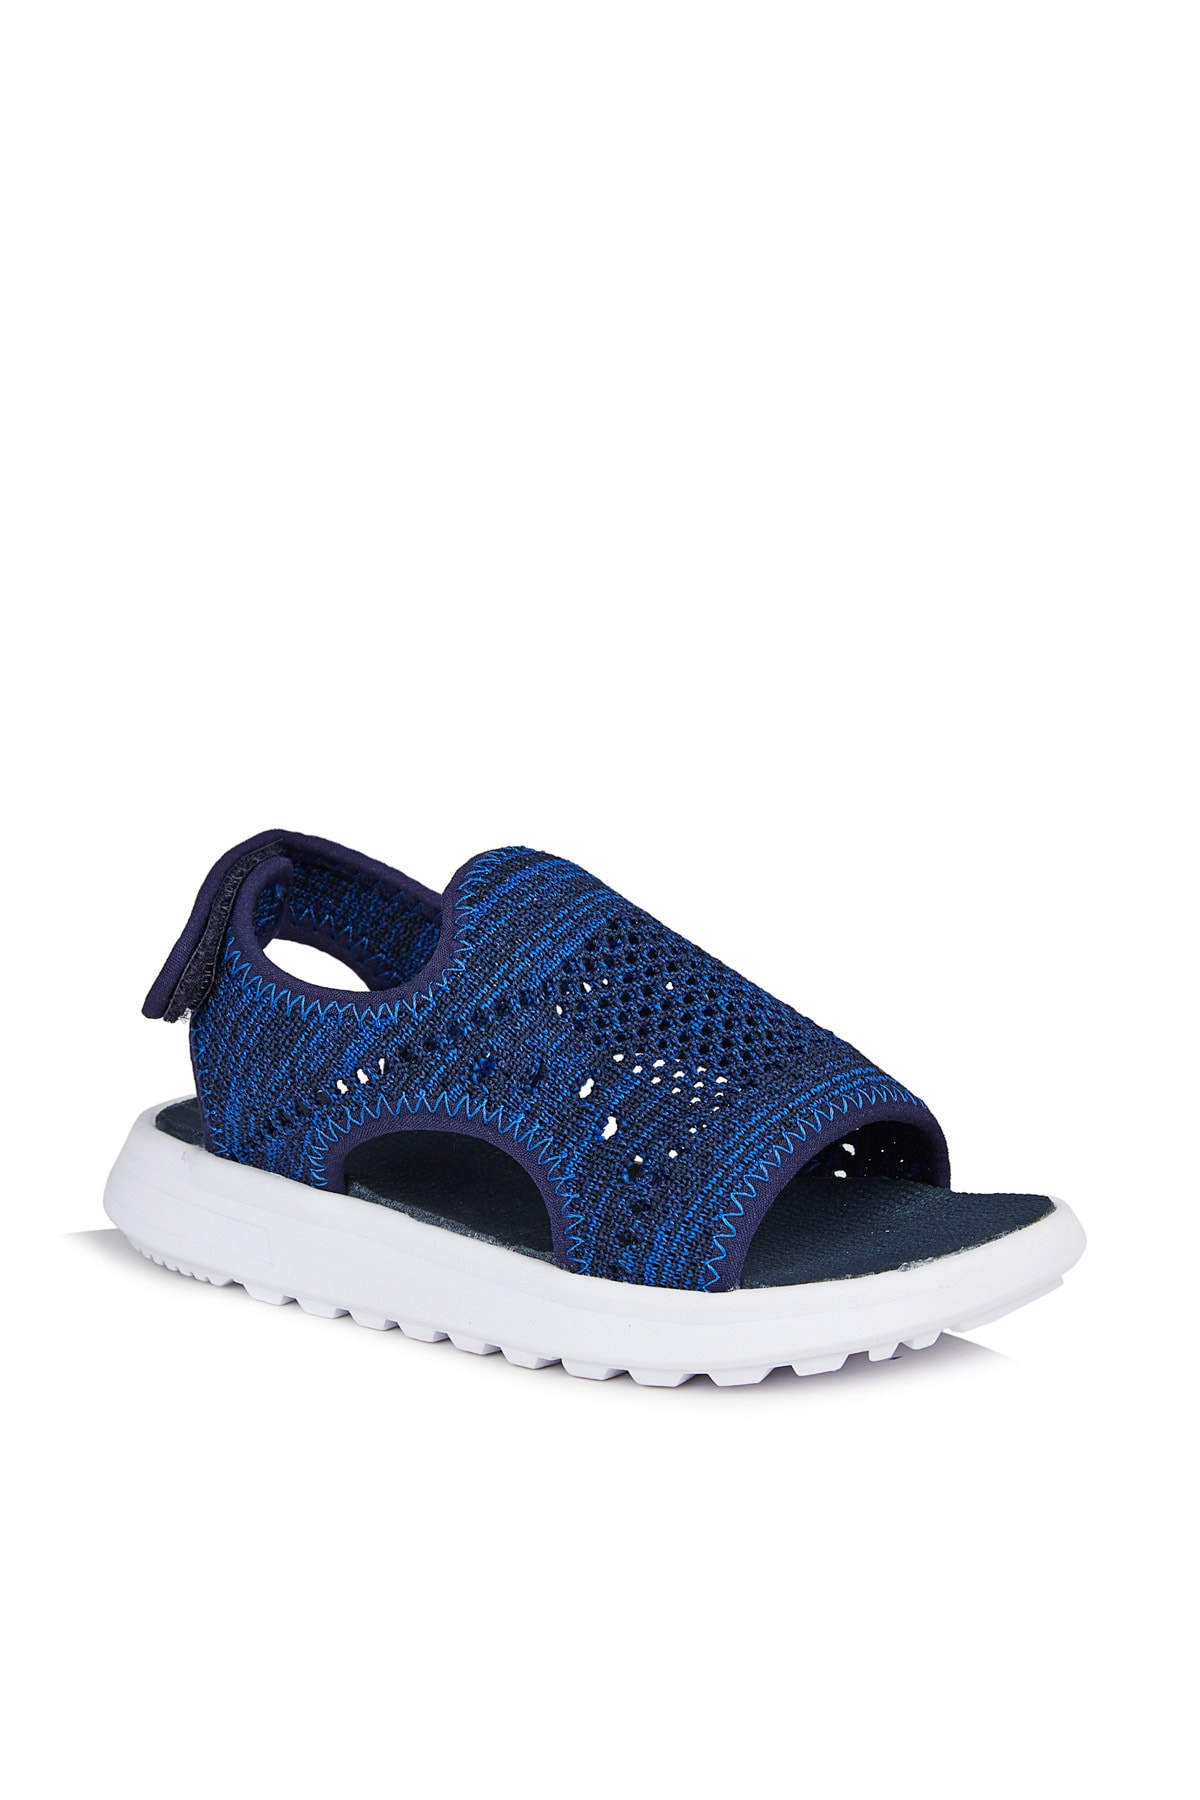 Vicco Macaron Erkek Çocuk Lacivert Sandalet 1